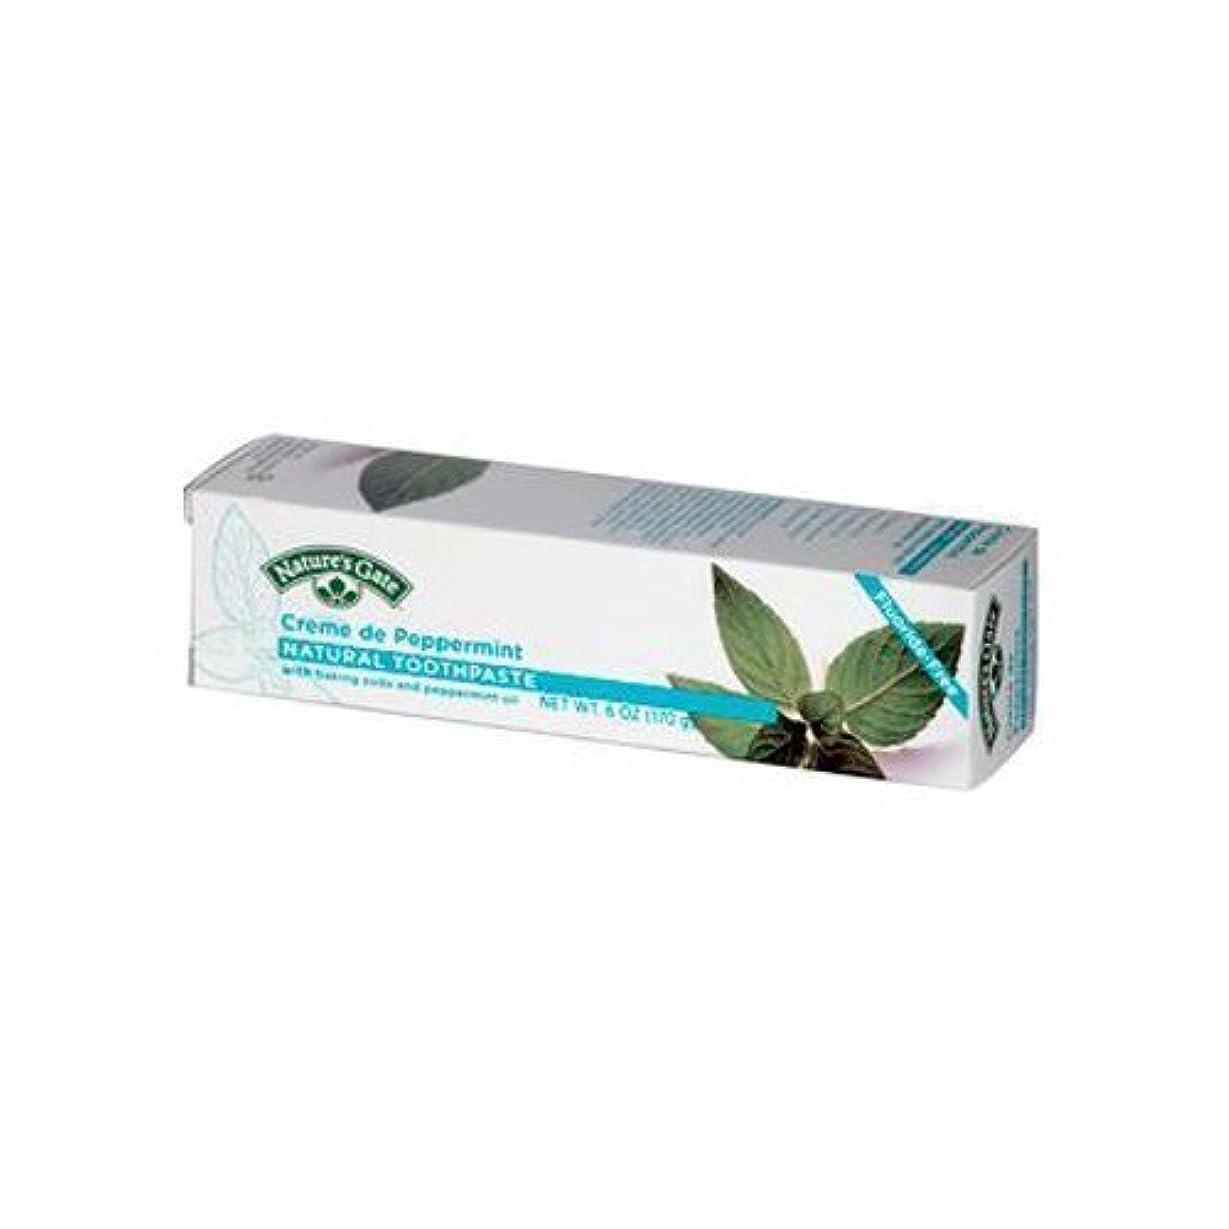 歌詞砲兵落ち着いてNatures Gate Natural Toothpaste Cr?me De Peppermint - 6 oz - Case of 6 by NATURE'S GATE [並行輸入品]